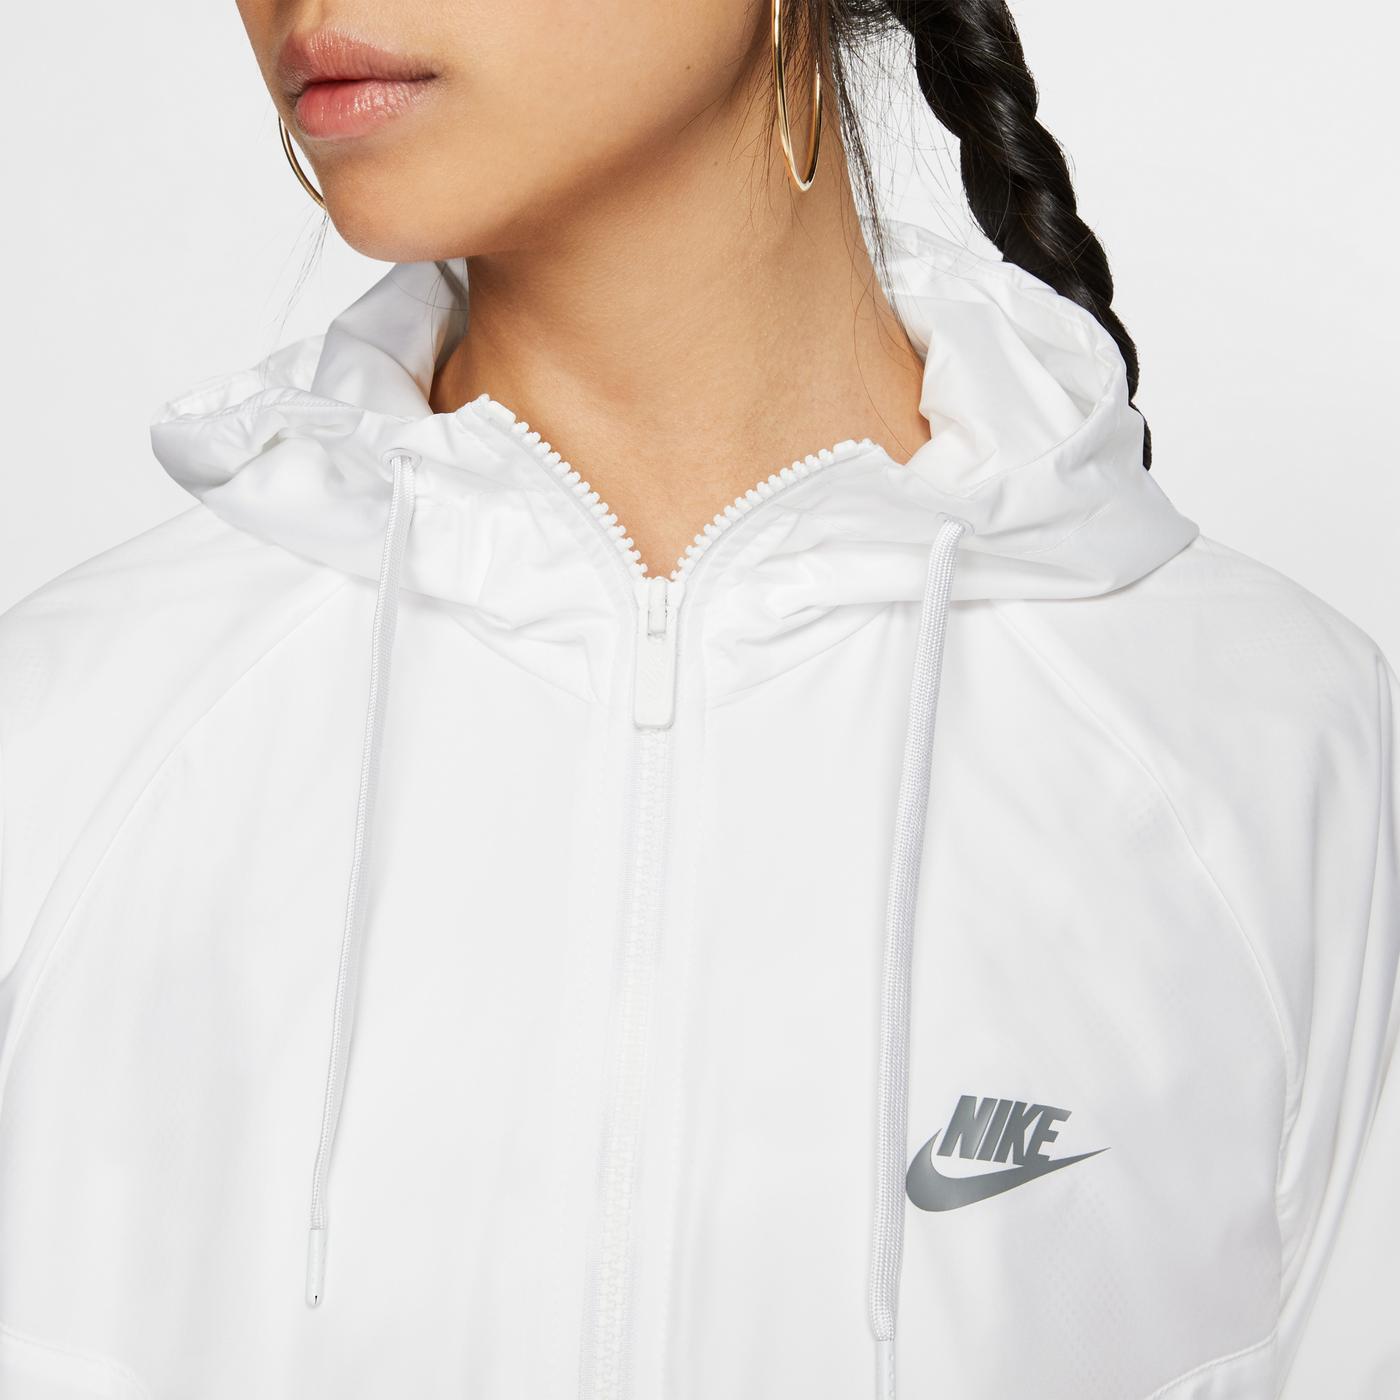 Nike Sportswear Kadın Beyaz Eşofman Üstü